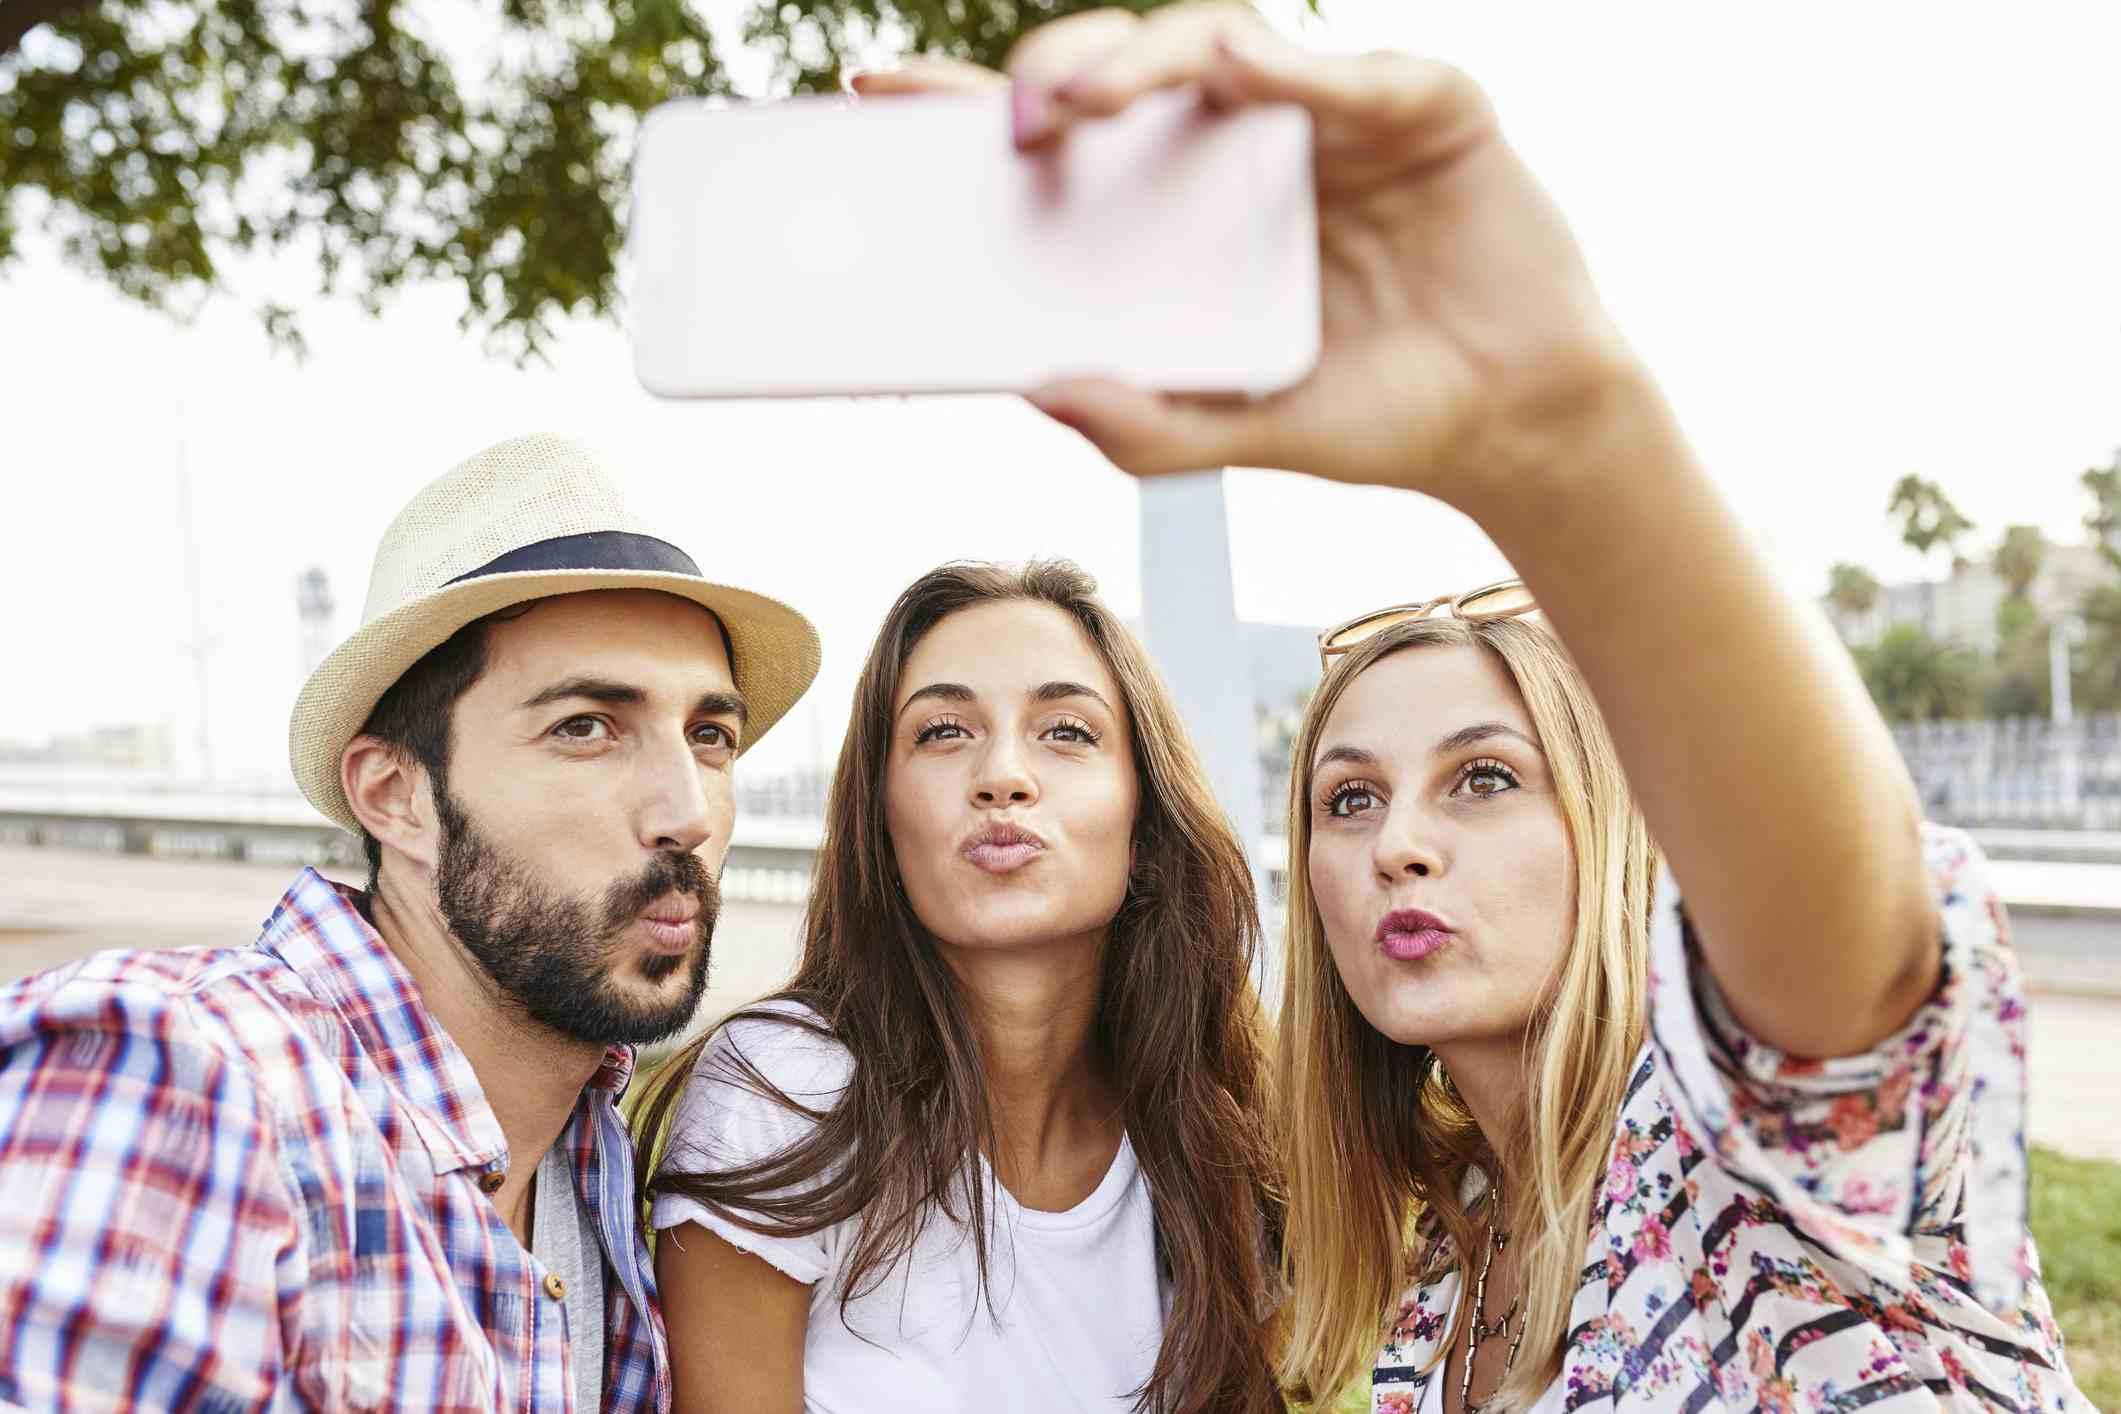 Friends outside taking a selfie.